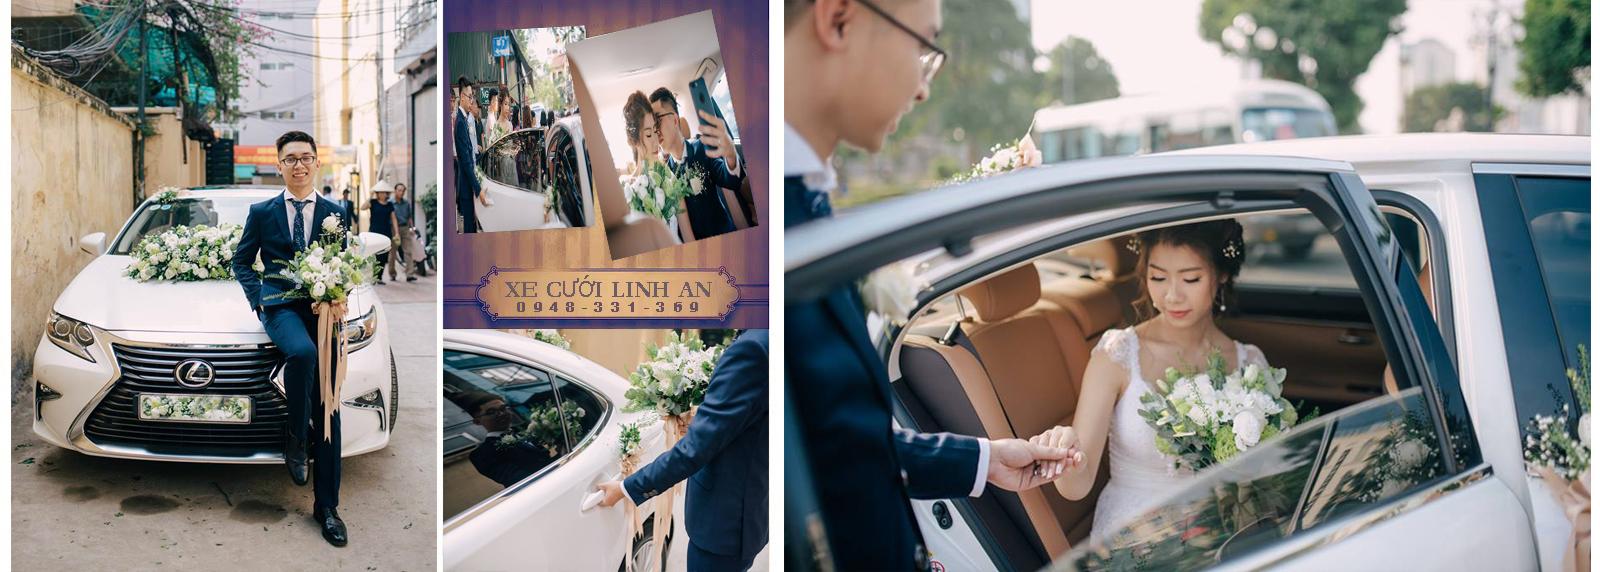 Cho Thuê Xe Cưới - Xe Dâu - Xe Linh An